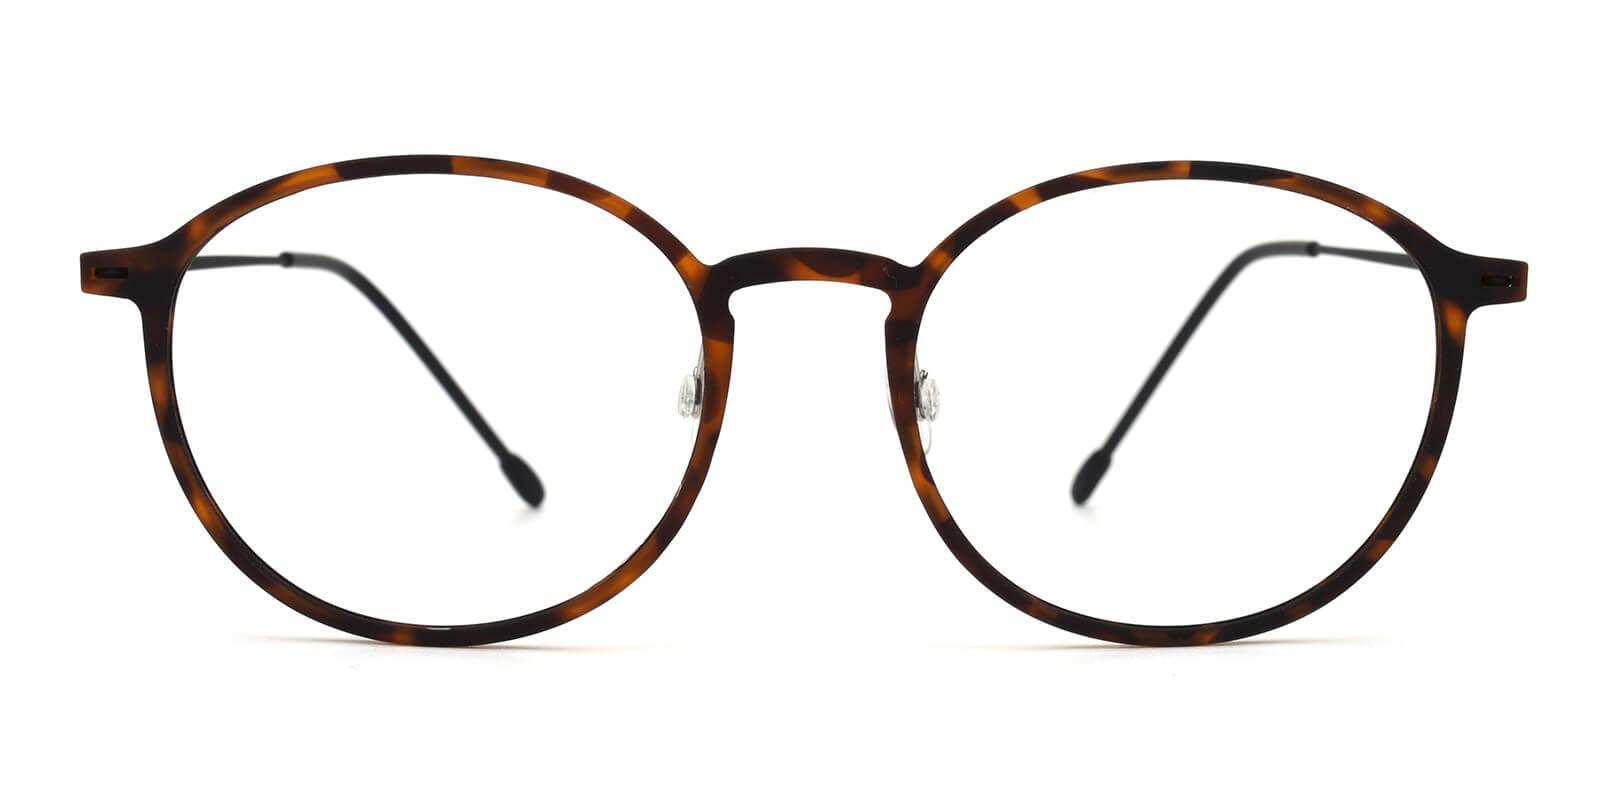 Yunda-Tortoise-Round-Combination-Eyeglasses-additional2